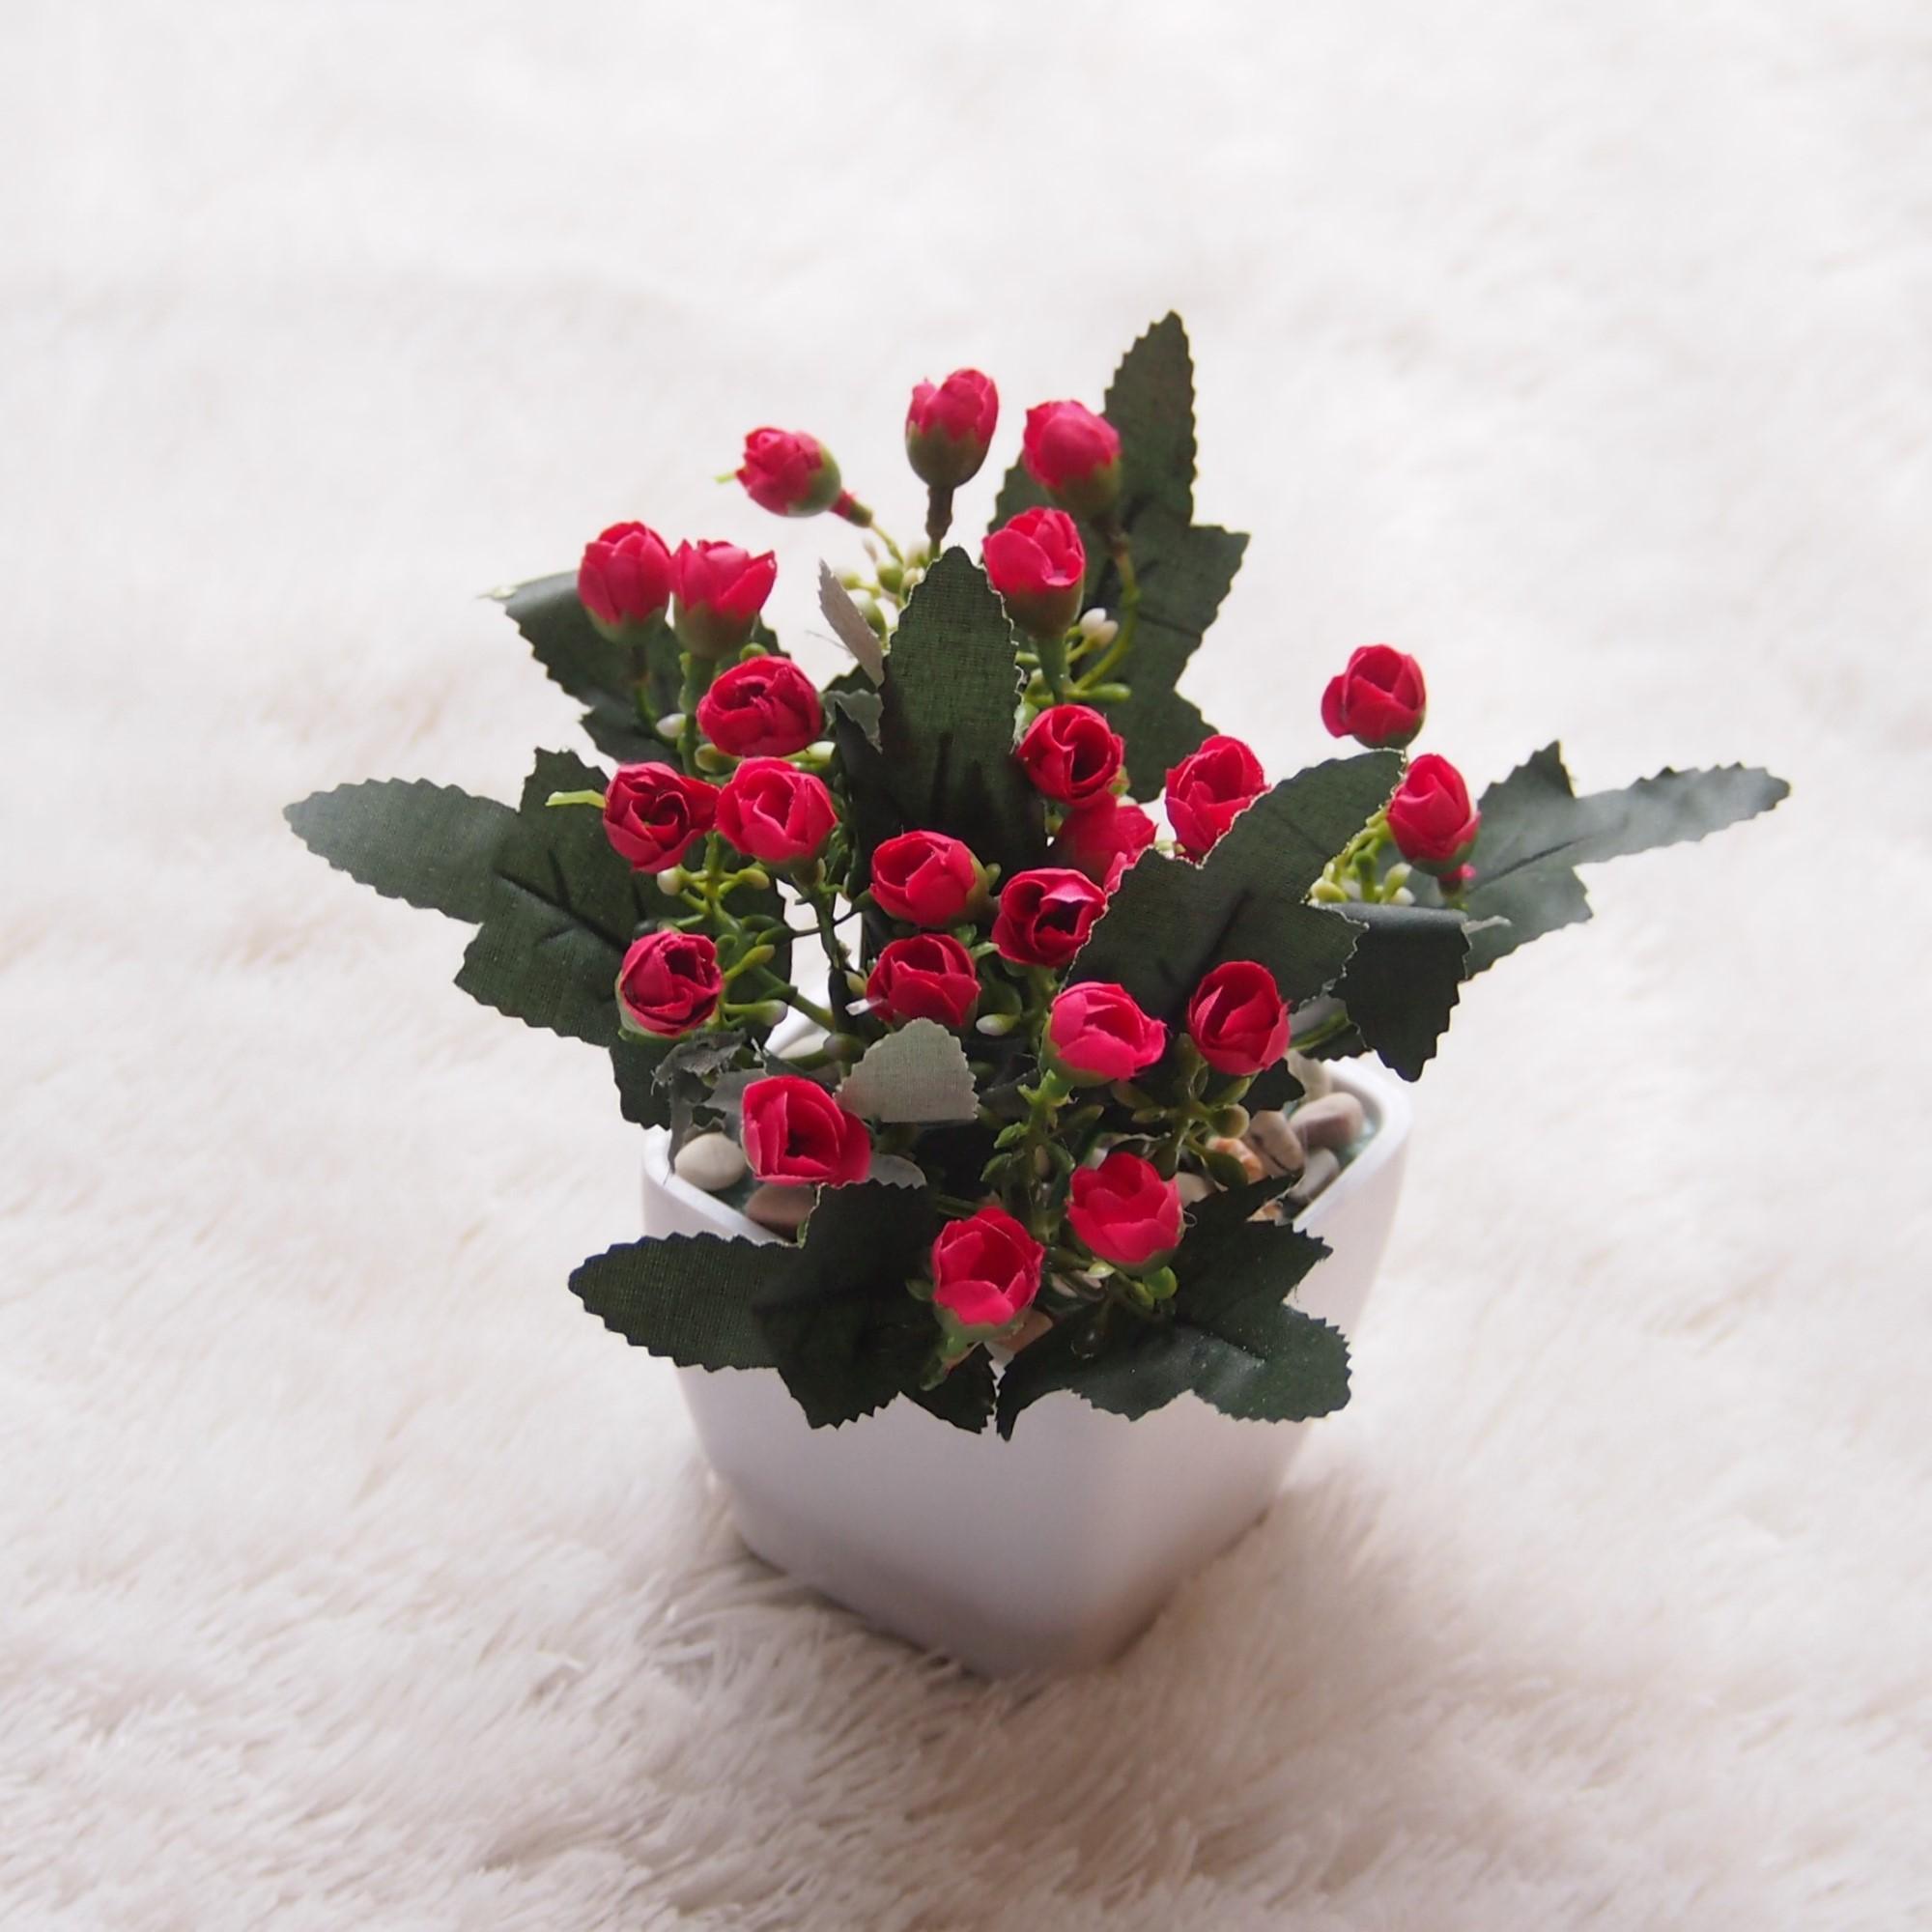 Bunga Artificial Dekorasi Meja Dan Ruangan - Bunga Artificial Mini Kacang  Vas Kotak RM02 f97441ded7